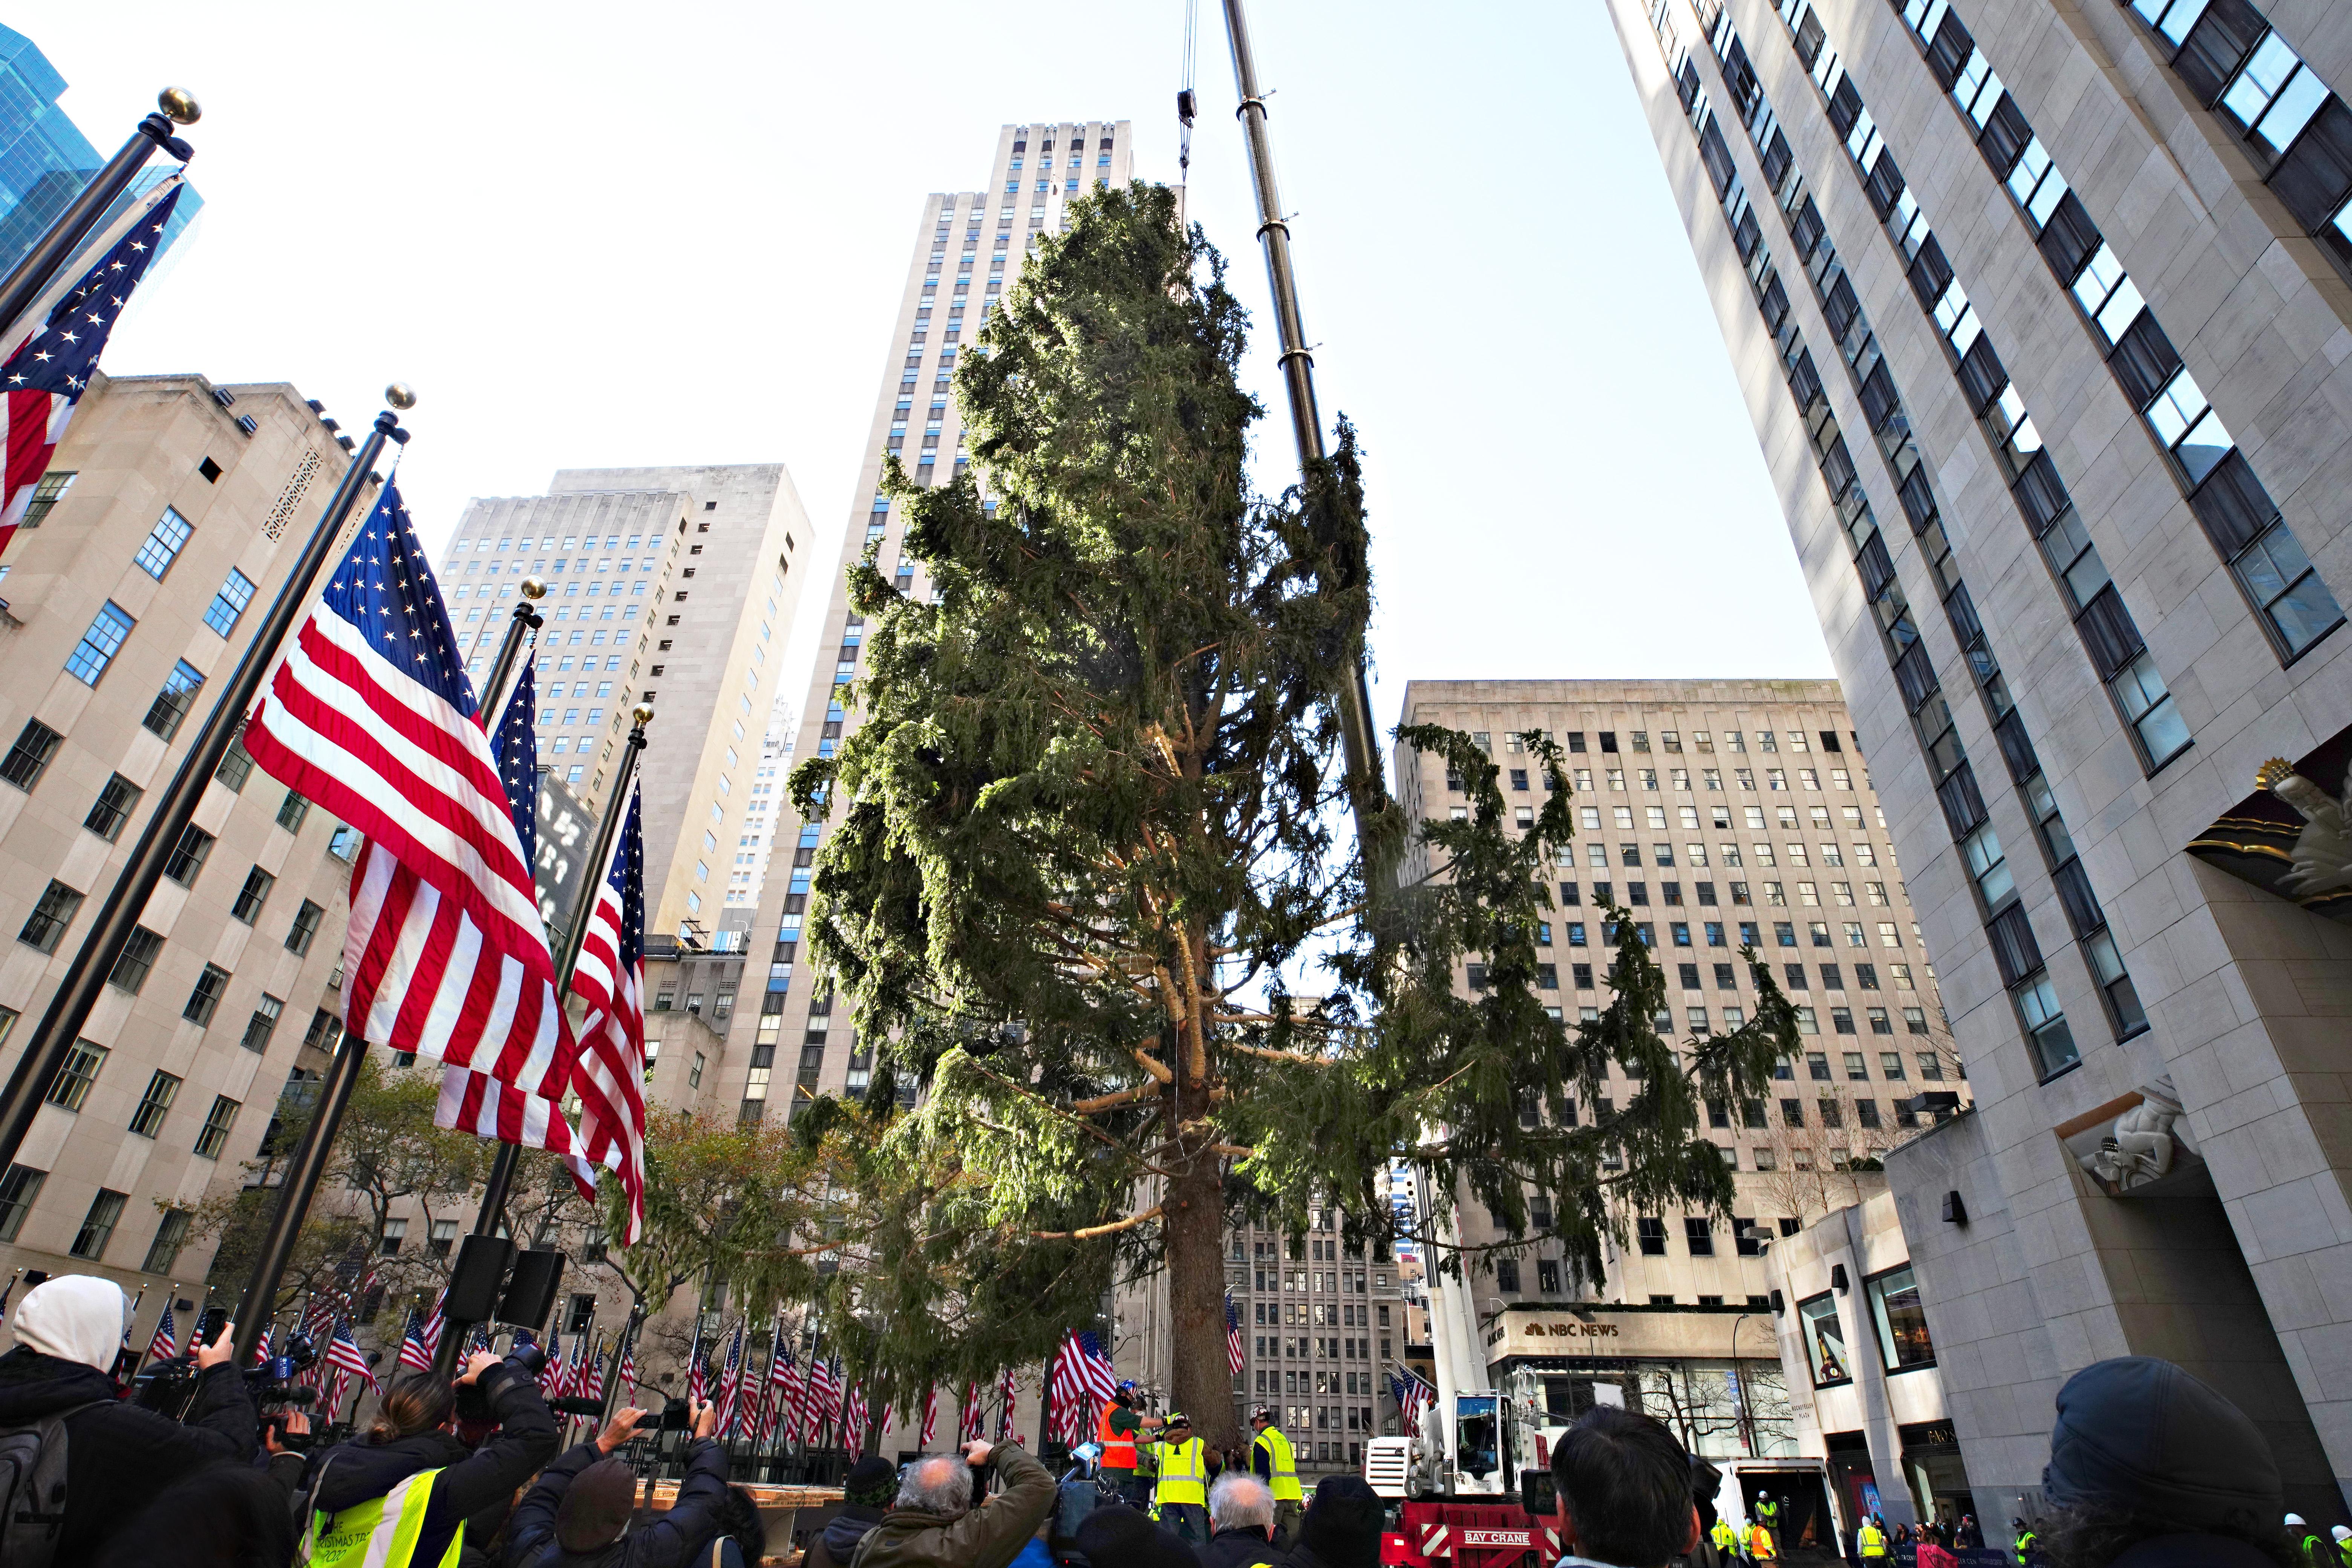 A New York-i Rockefeller Centernél állított karácsonyfa állapota tökéletesen leírja egész 2020-at